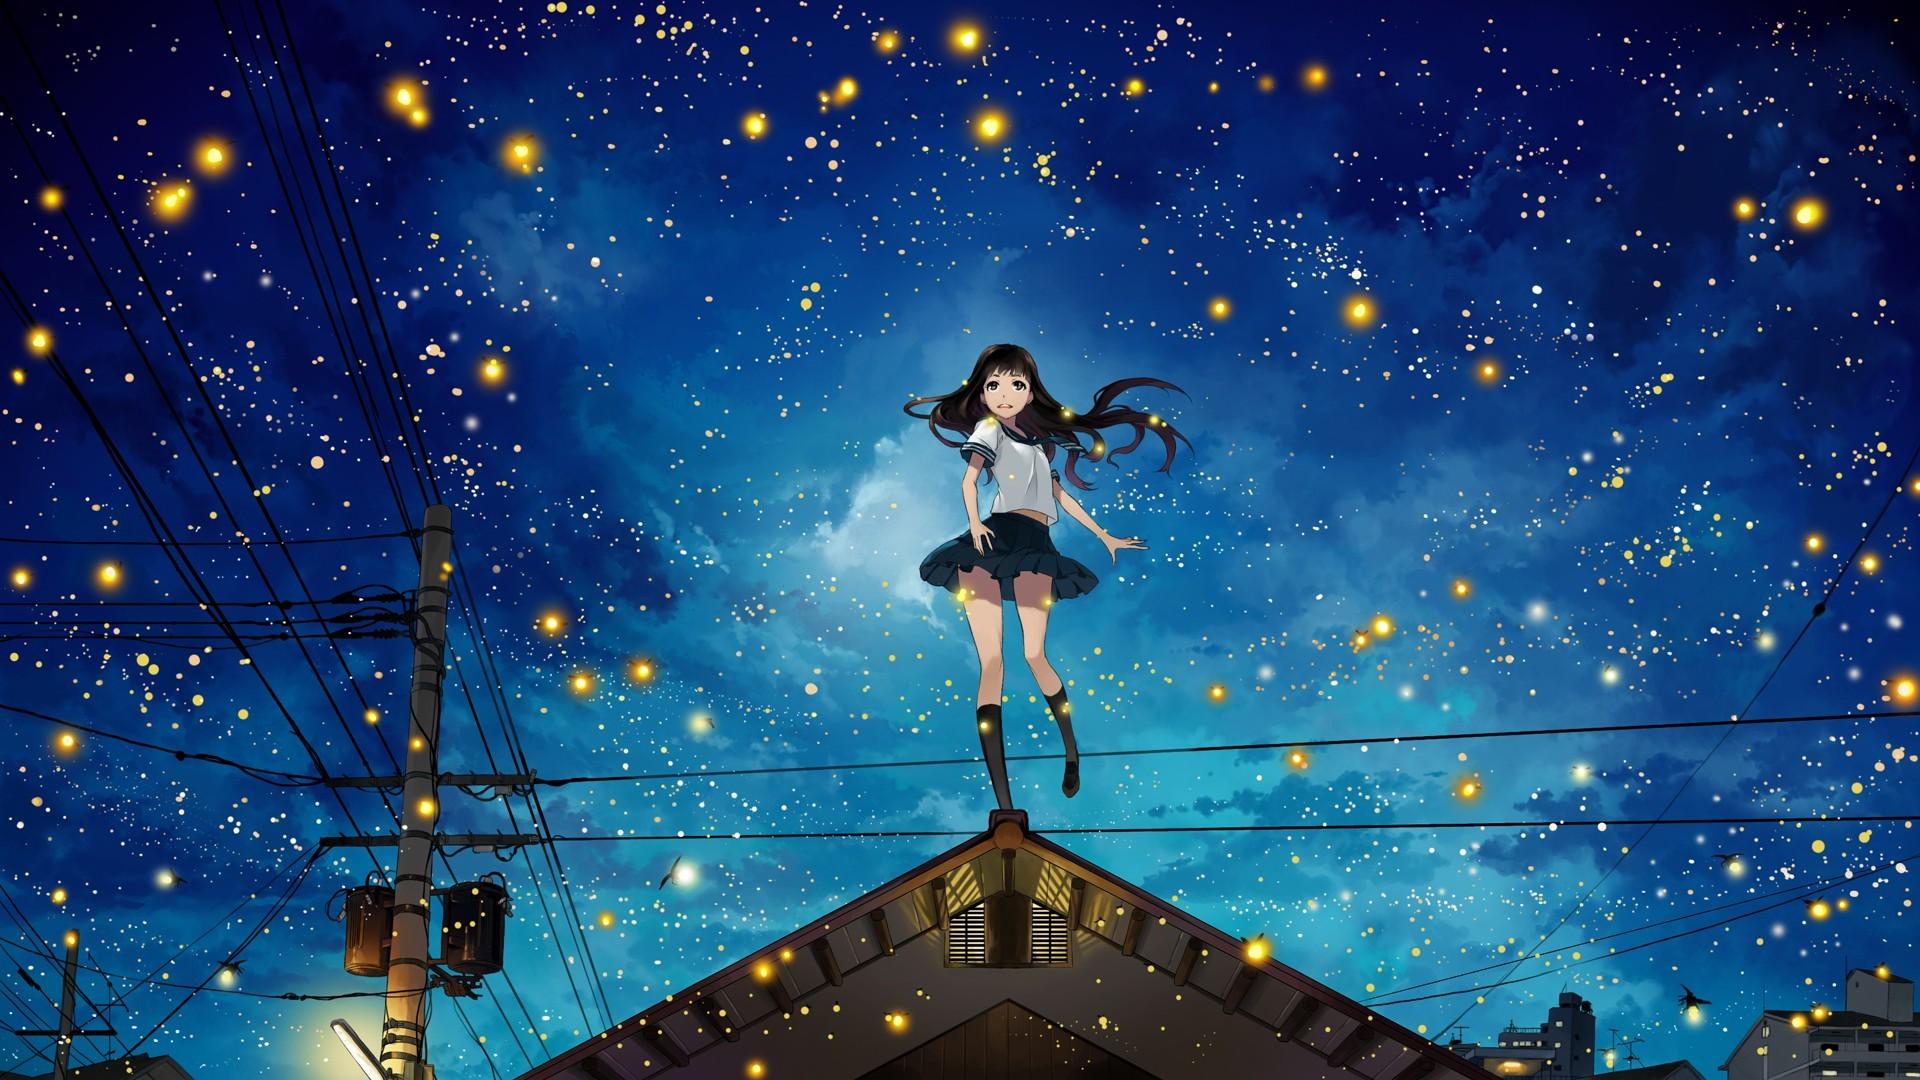 Wallpaper 1920x1080 Px Anime Girls Fireflies Night